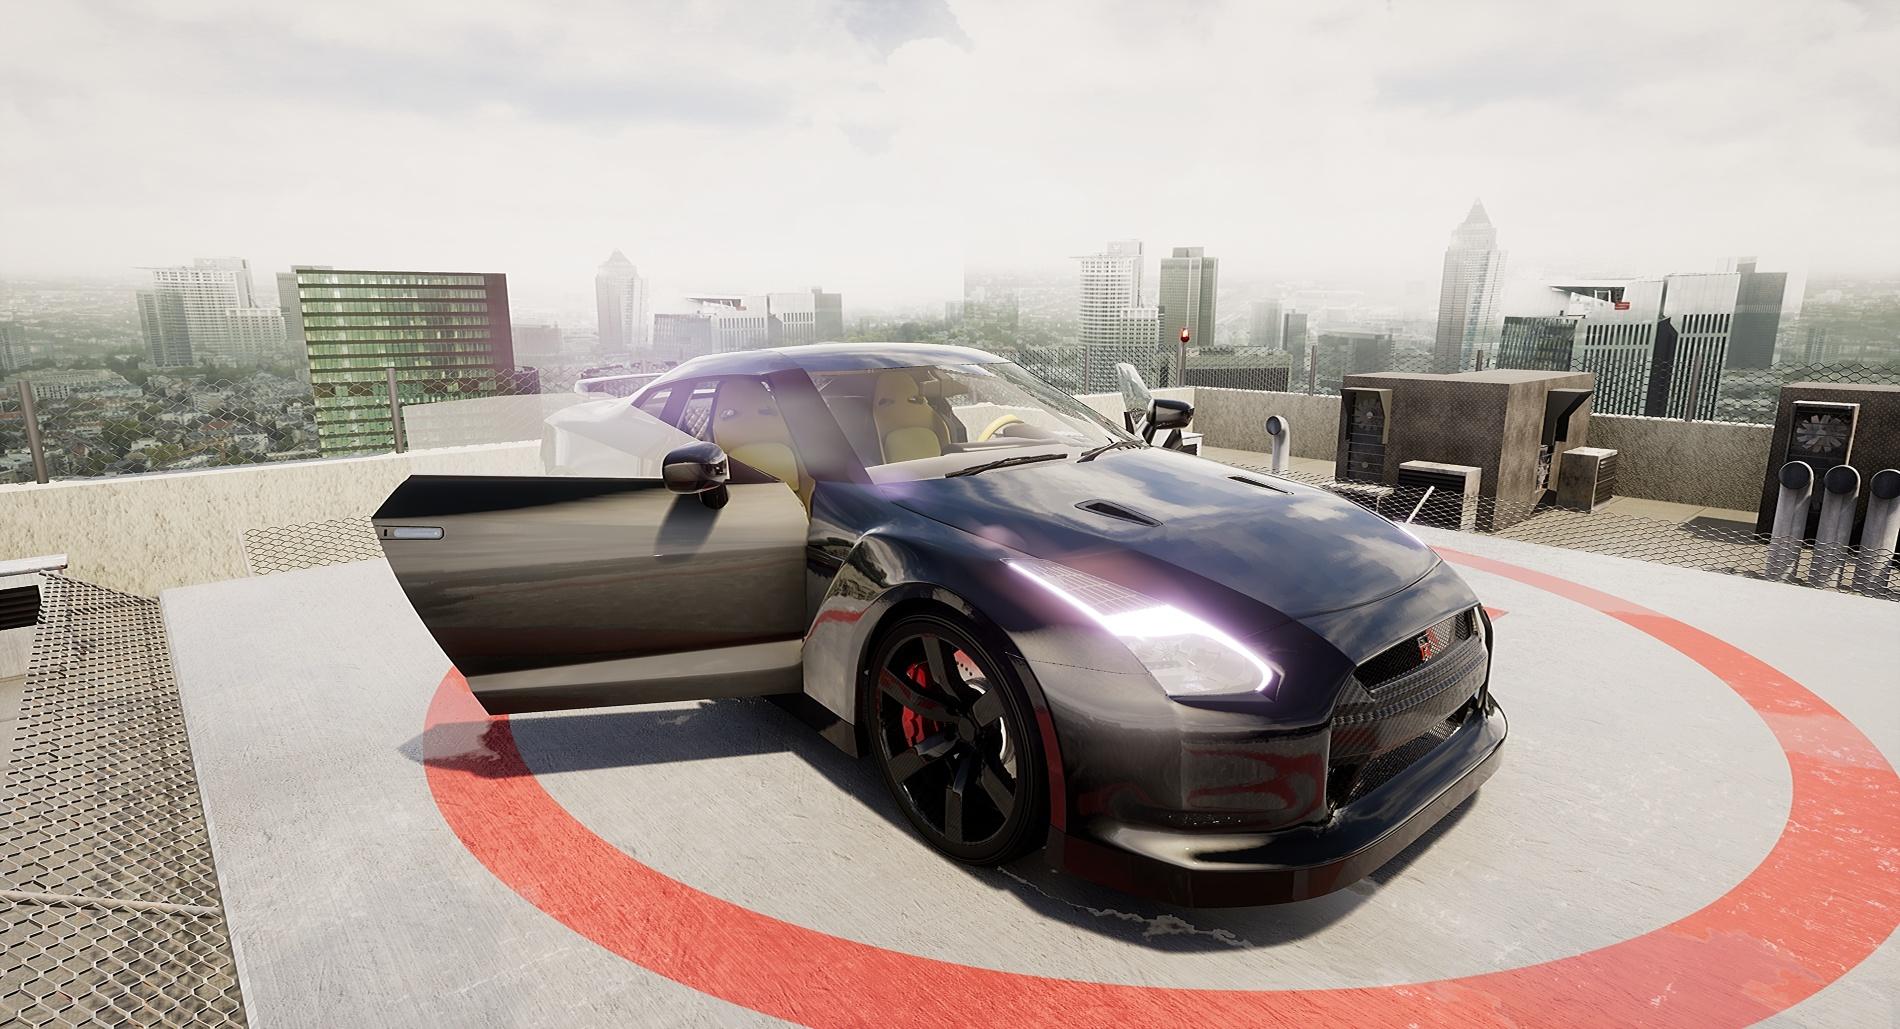 Nissan GTR model